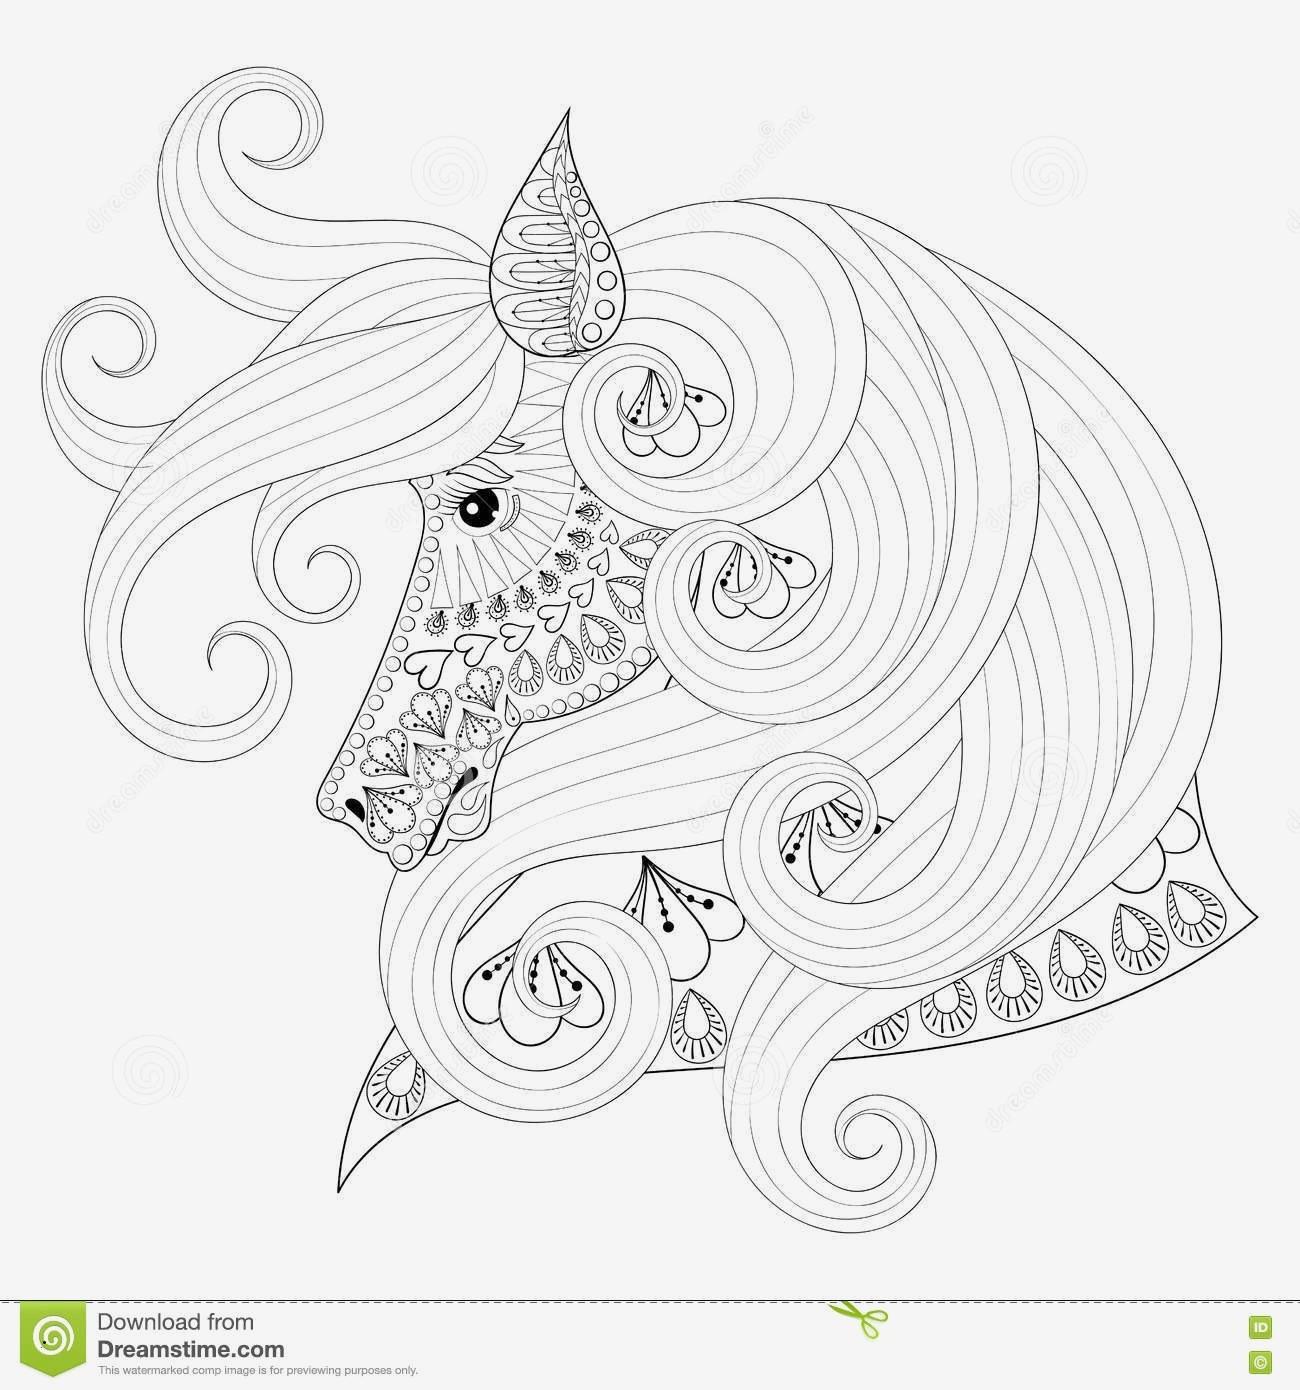 Einhorn Mandala Erwachsene Das Beste Von 36 Entwurf Ausmalbilder Mandala Pferde Treehouse Nyc Stock